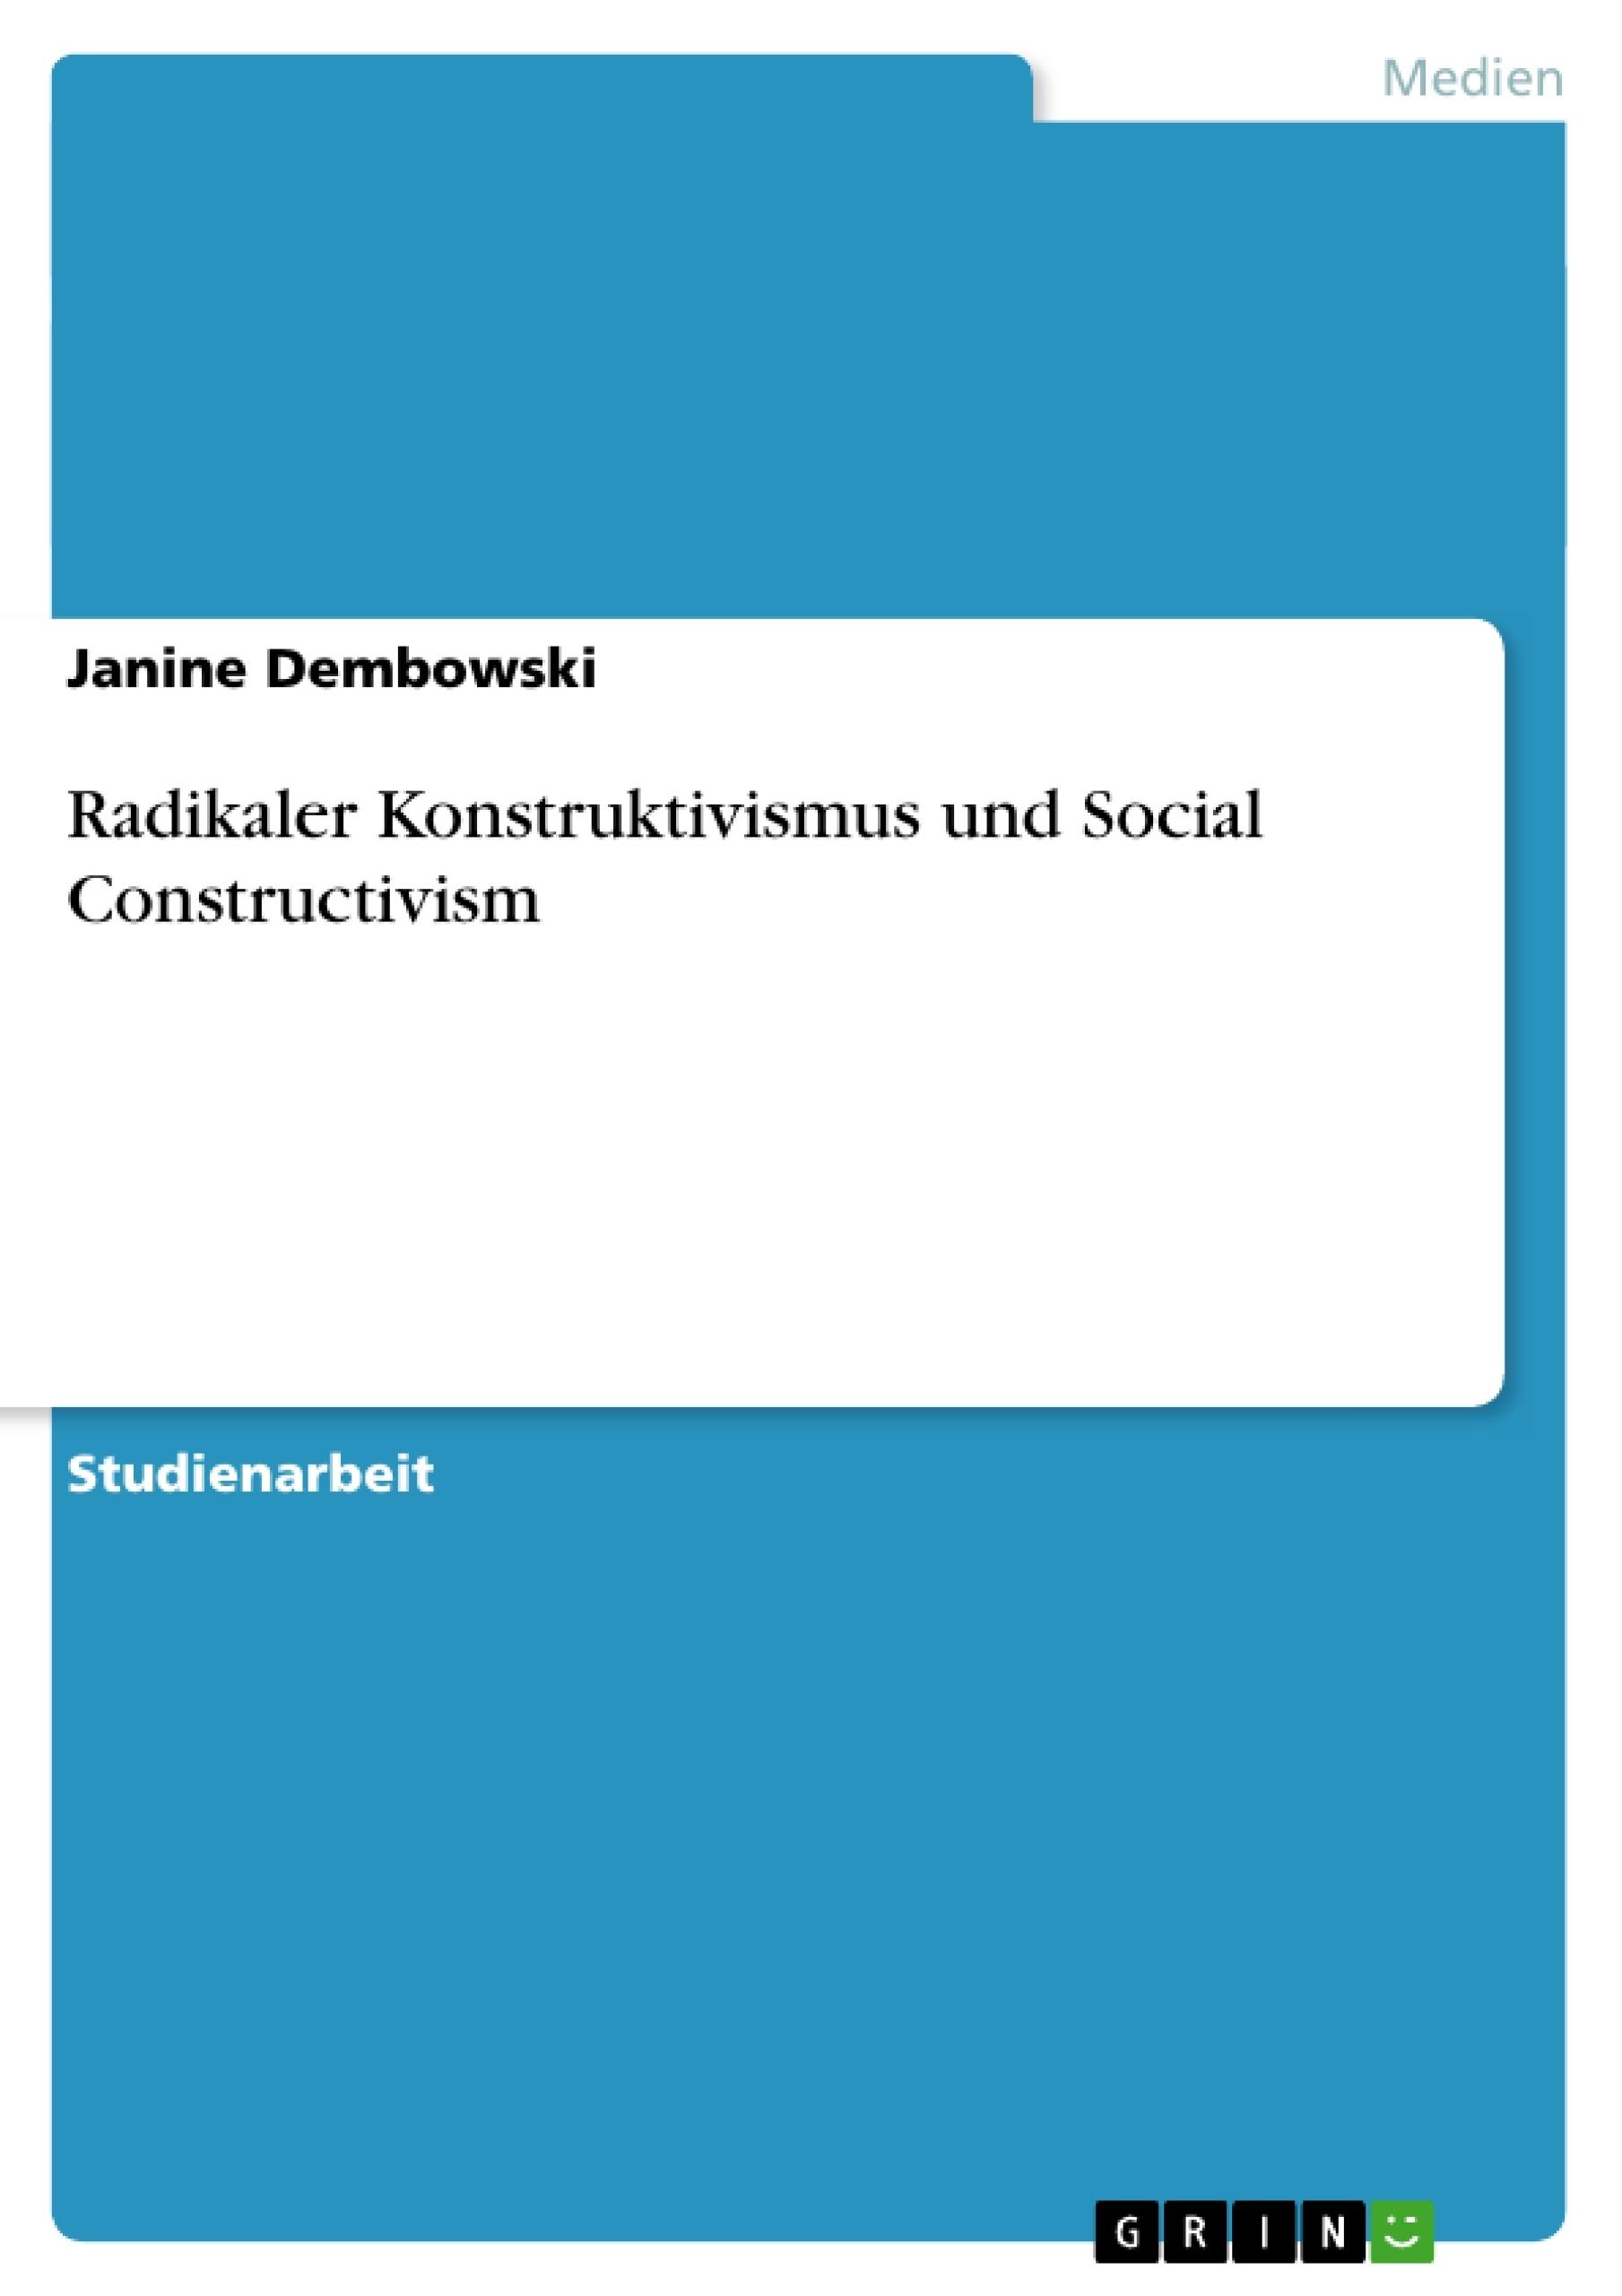 Titel: Radikaler Konstruktivismus und Social Constructivism